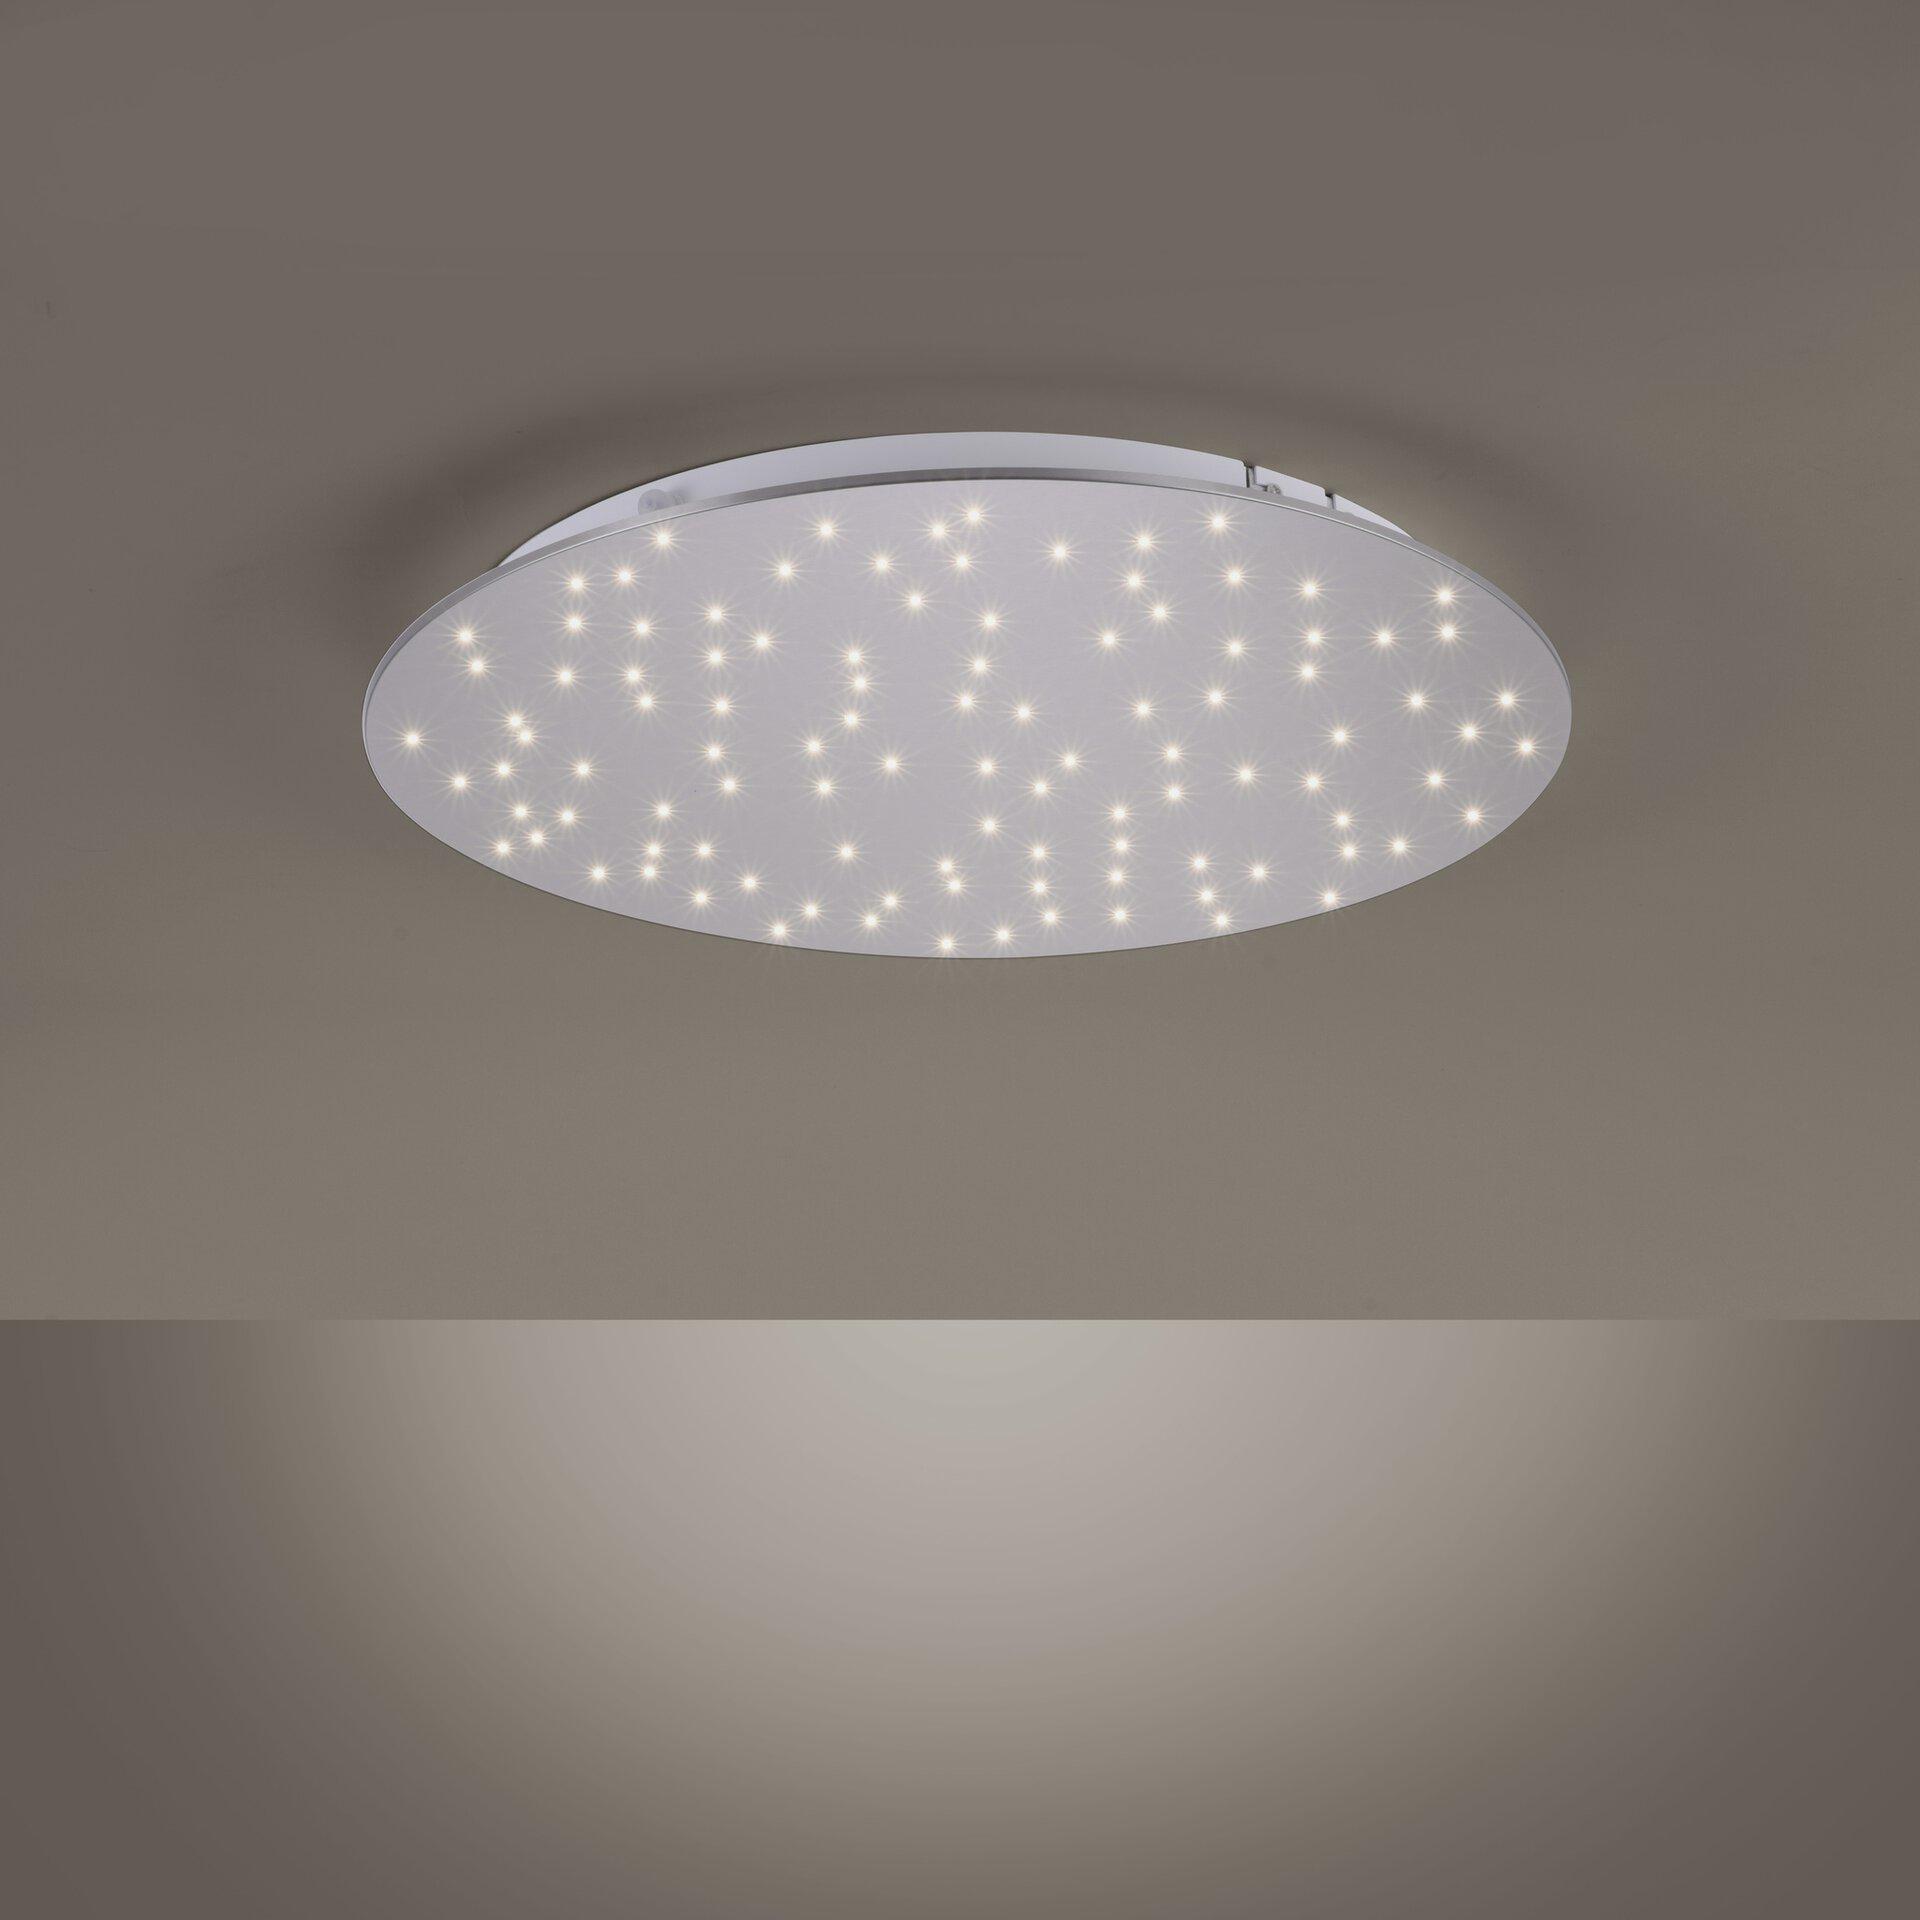 Deckenleuchte SPARKLE Leuchtendirekt Metall silber 48 x 4 x 48 cm